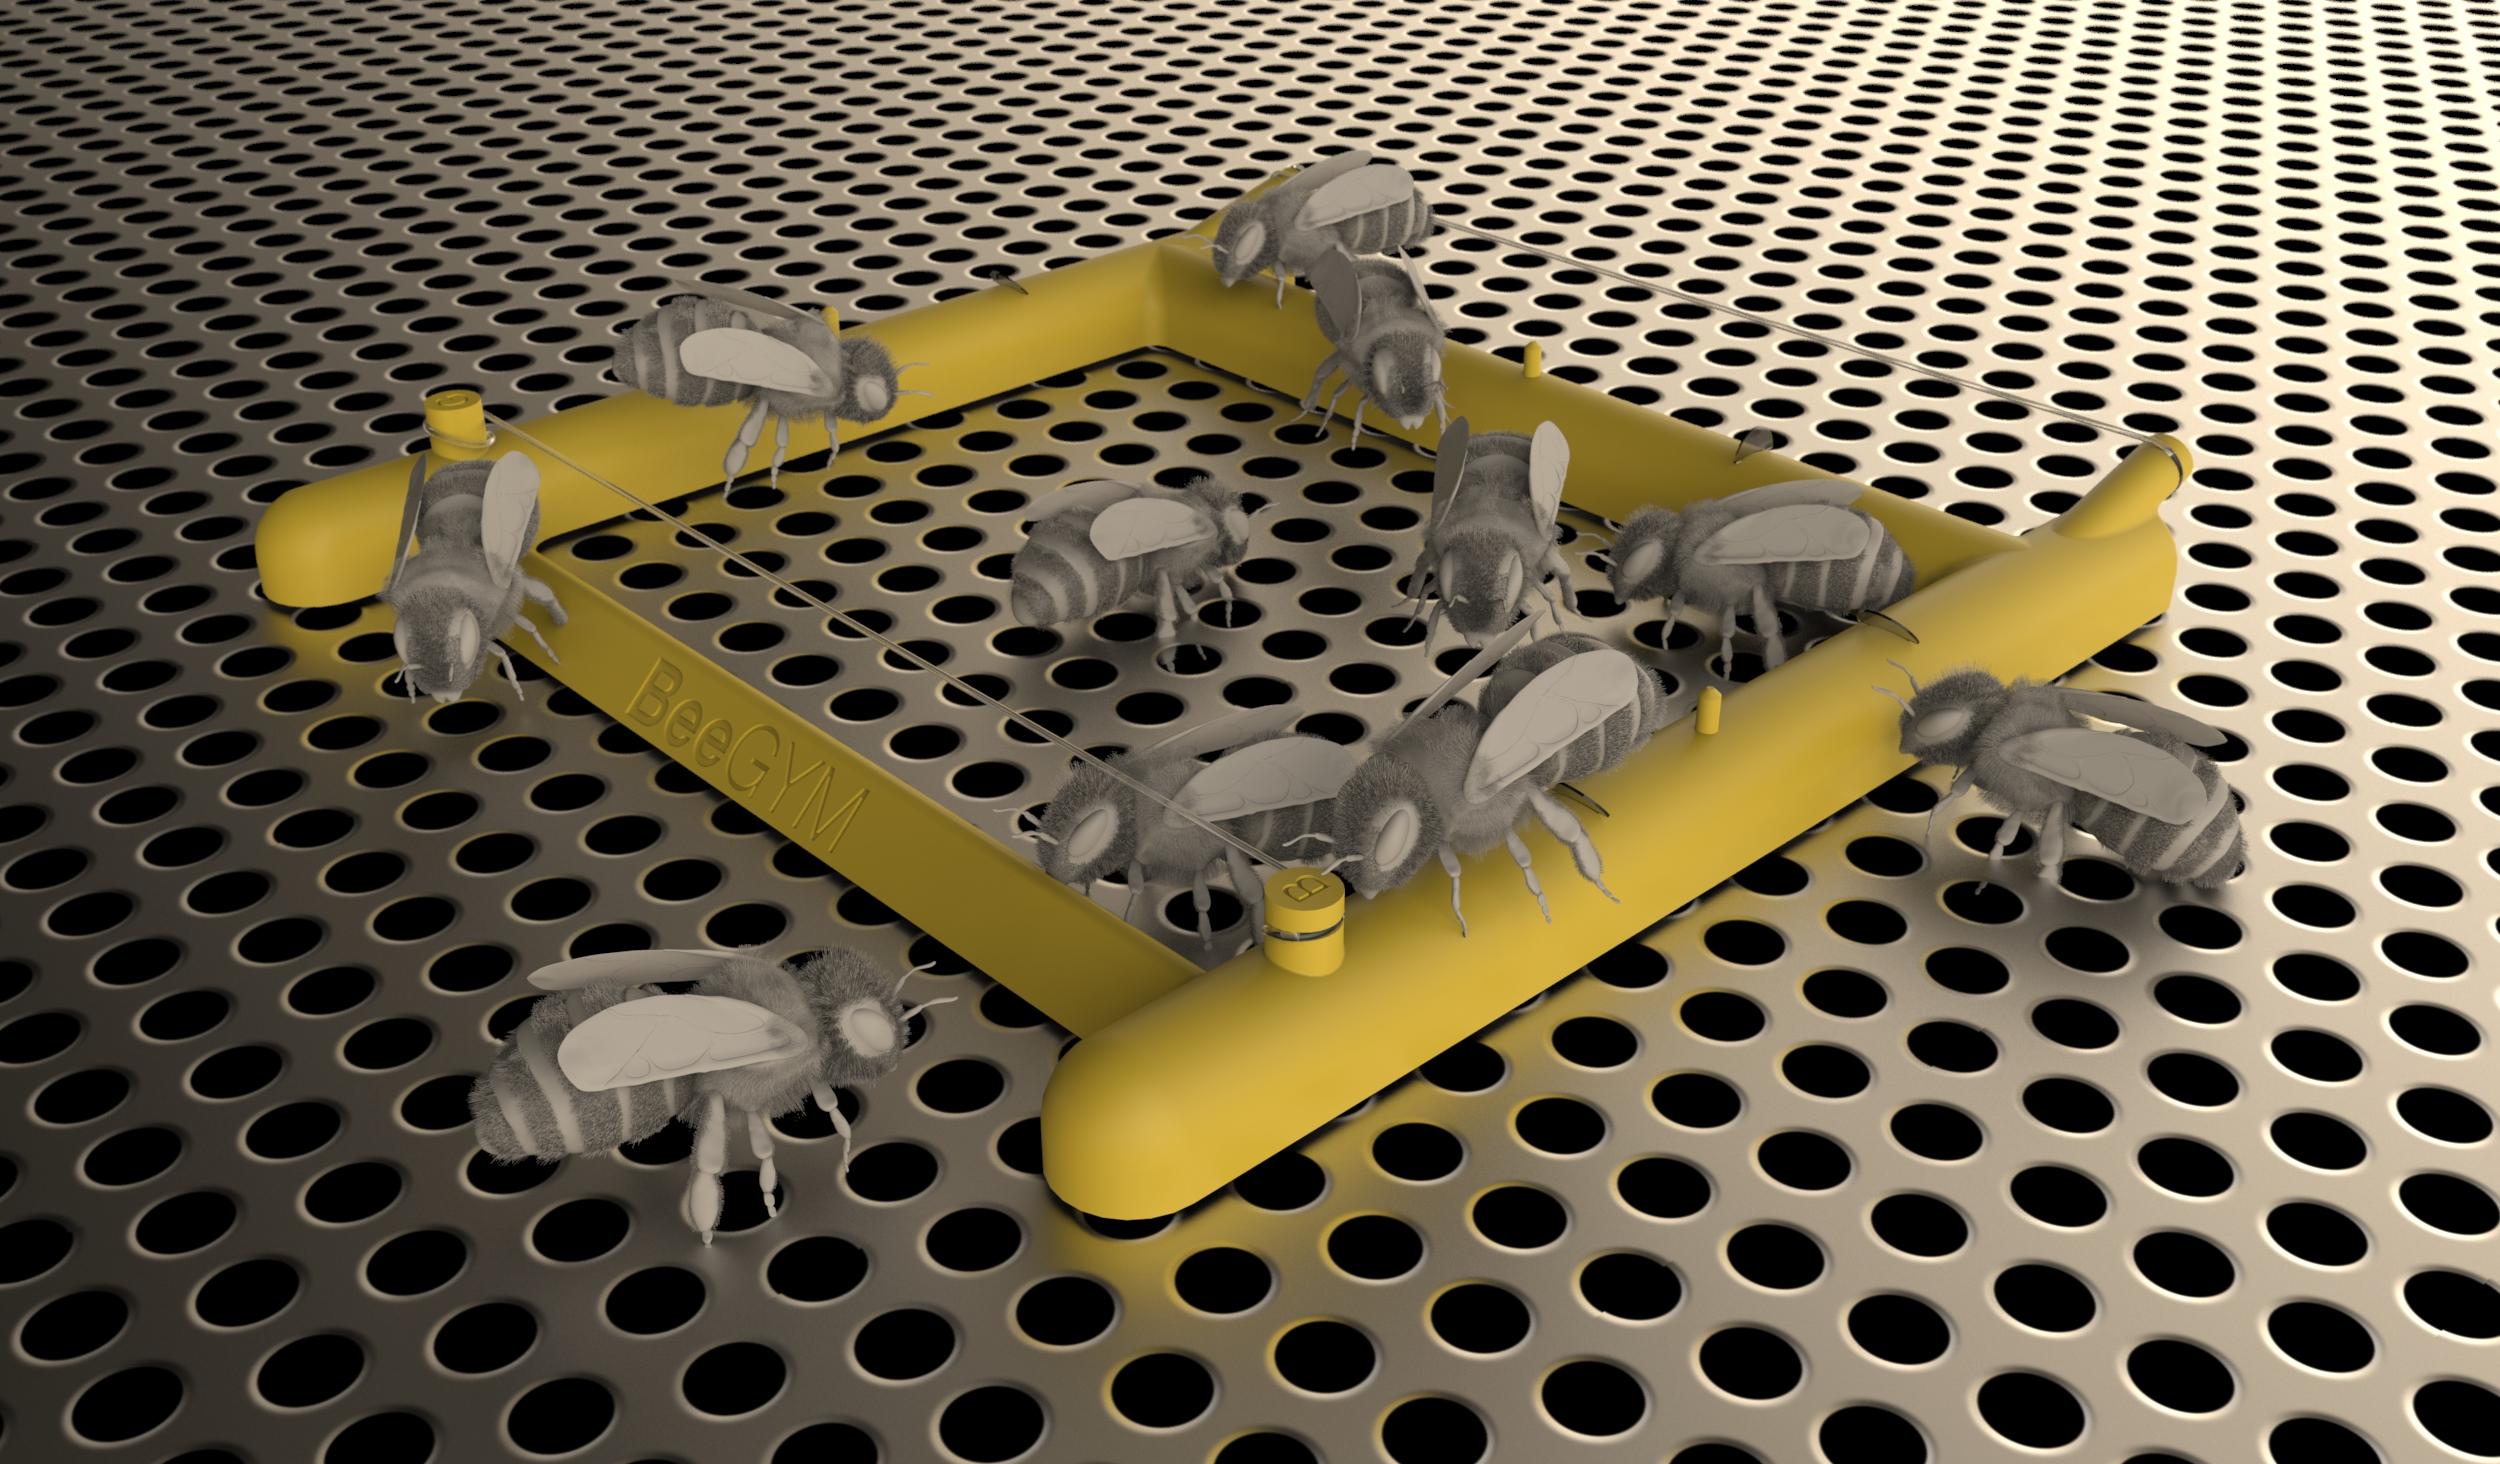 Bee Gym Chemical Free Varroa Grooming Aid Vita Health Beehive Phone Wiring Diagram Mockup Of Bees Using As